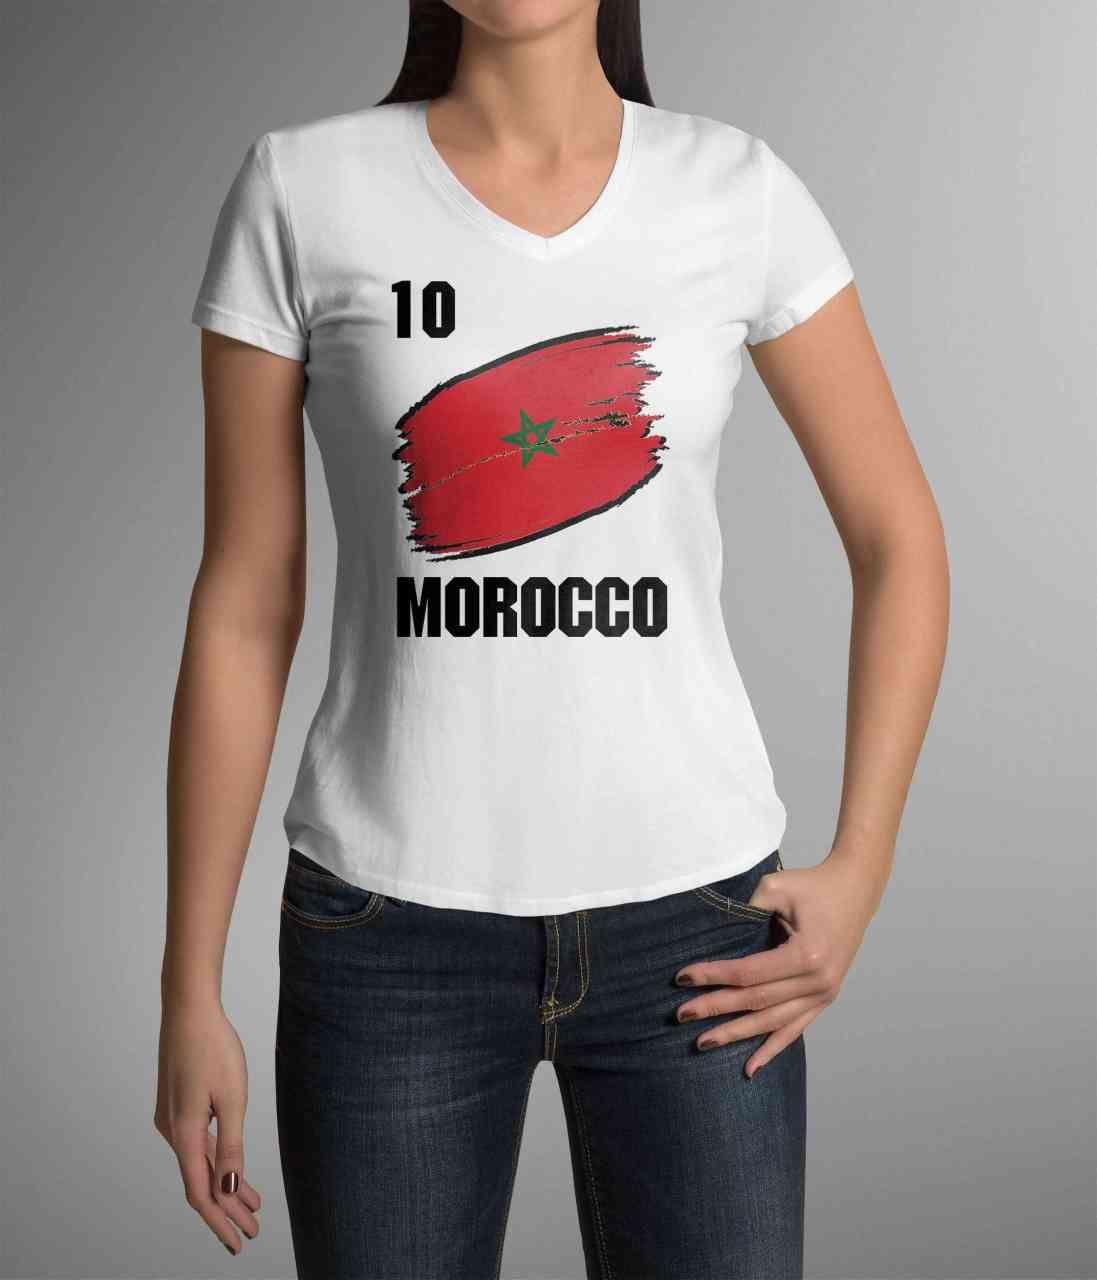 Morocco | Marokko | Männer oder Frauen Trikot T - Shirt mit Wunsch Nummer + Wunsch Name | WM 2018